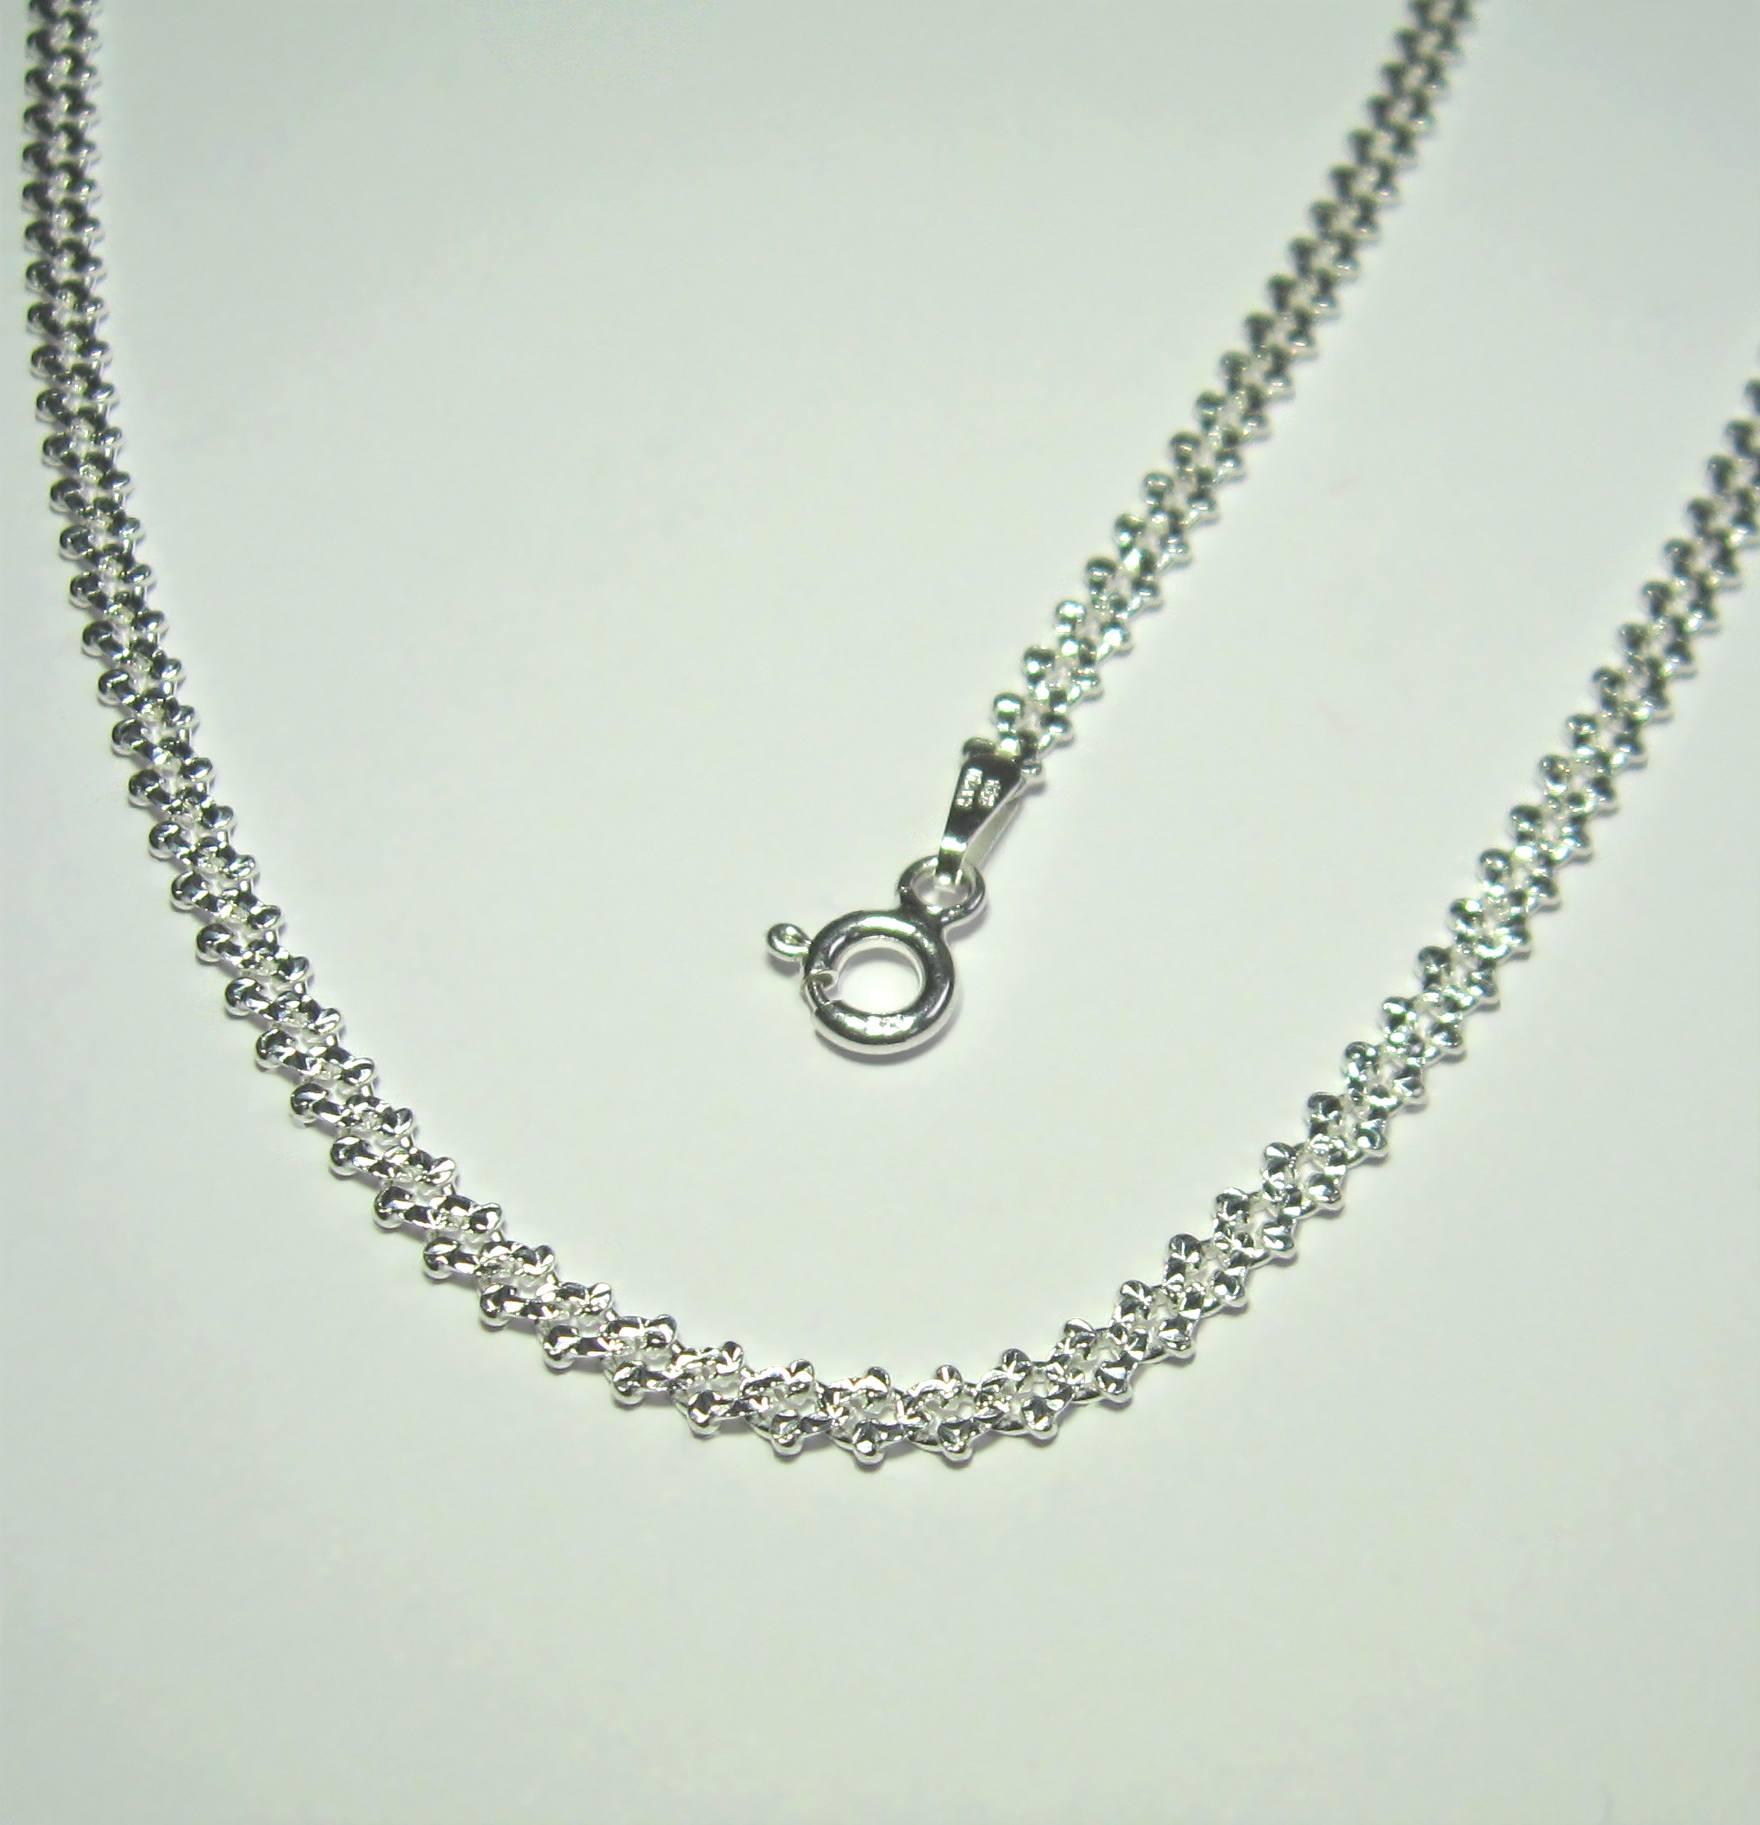 eladó kiskereskedő venni előrendelés Különleges női ezüst nyaklánc - EZÜSTÖS.HU